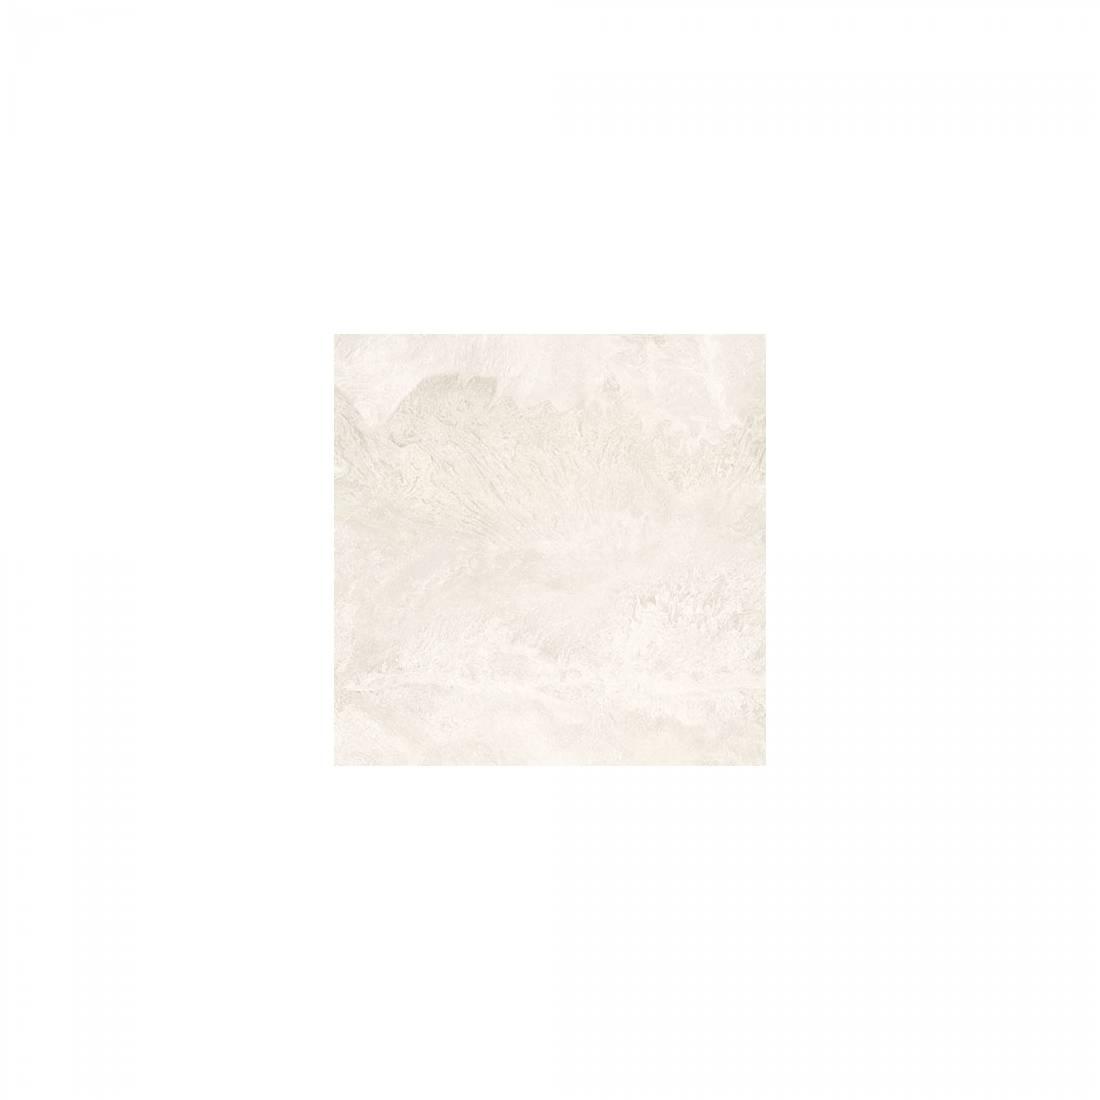 Oceanic 60x60 Bianco Matt 1